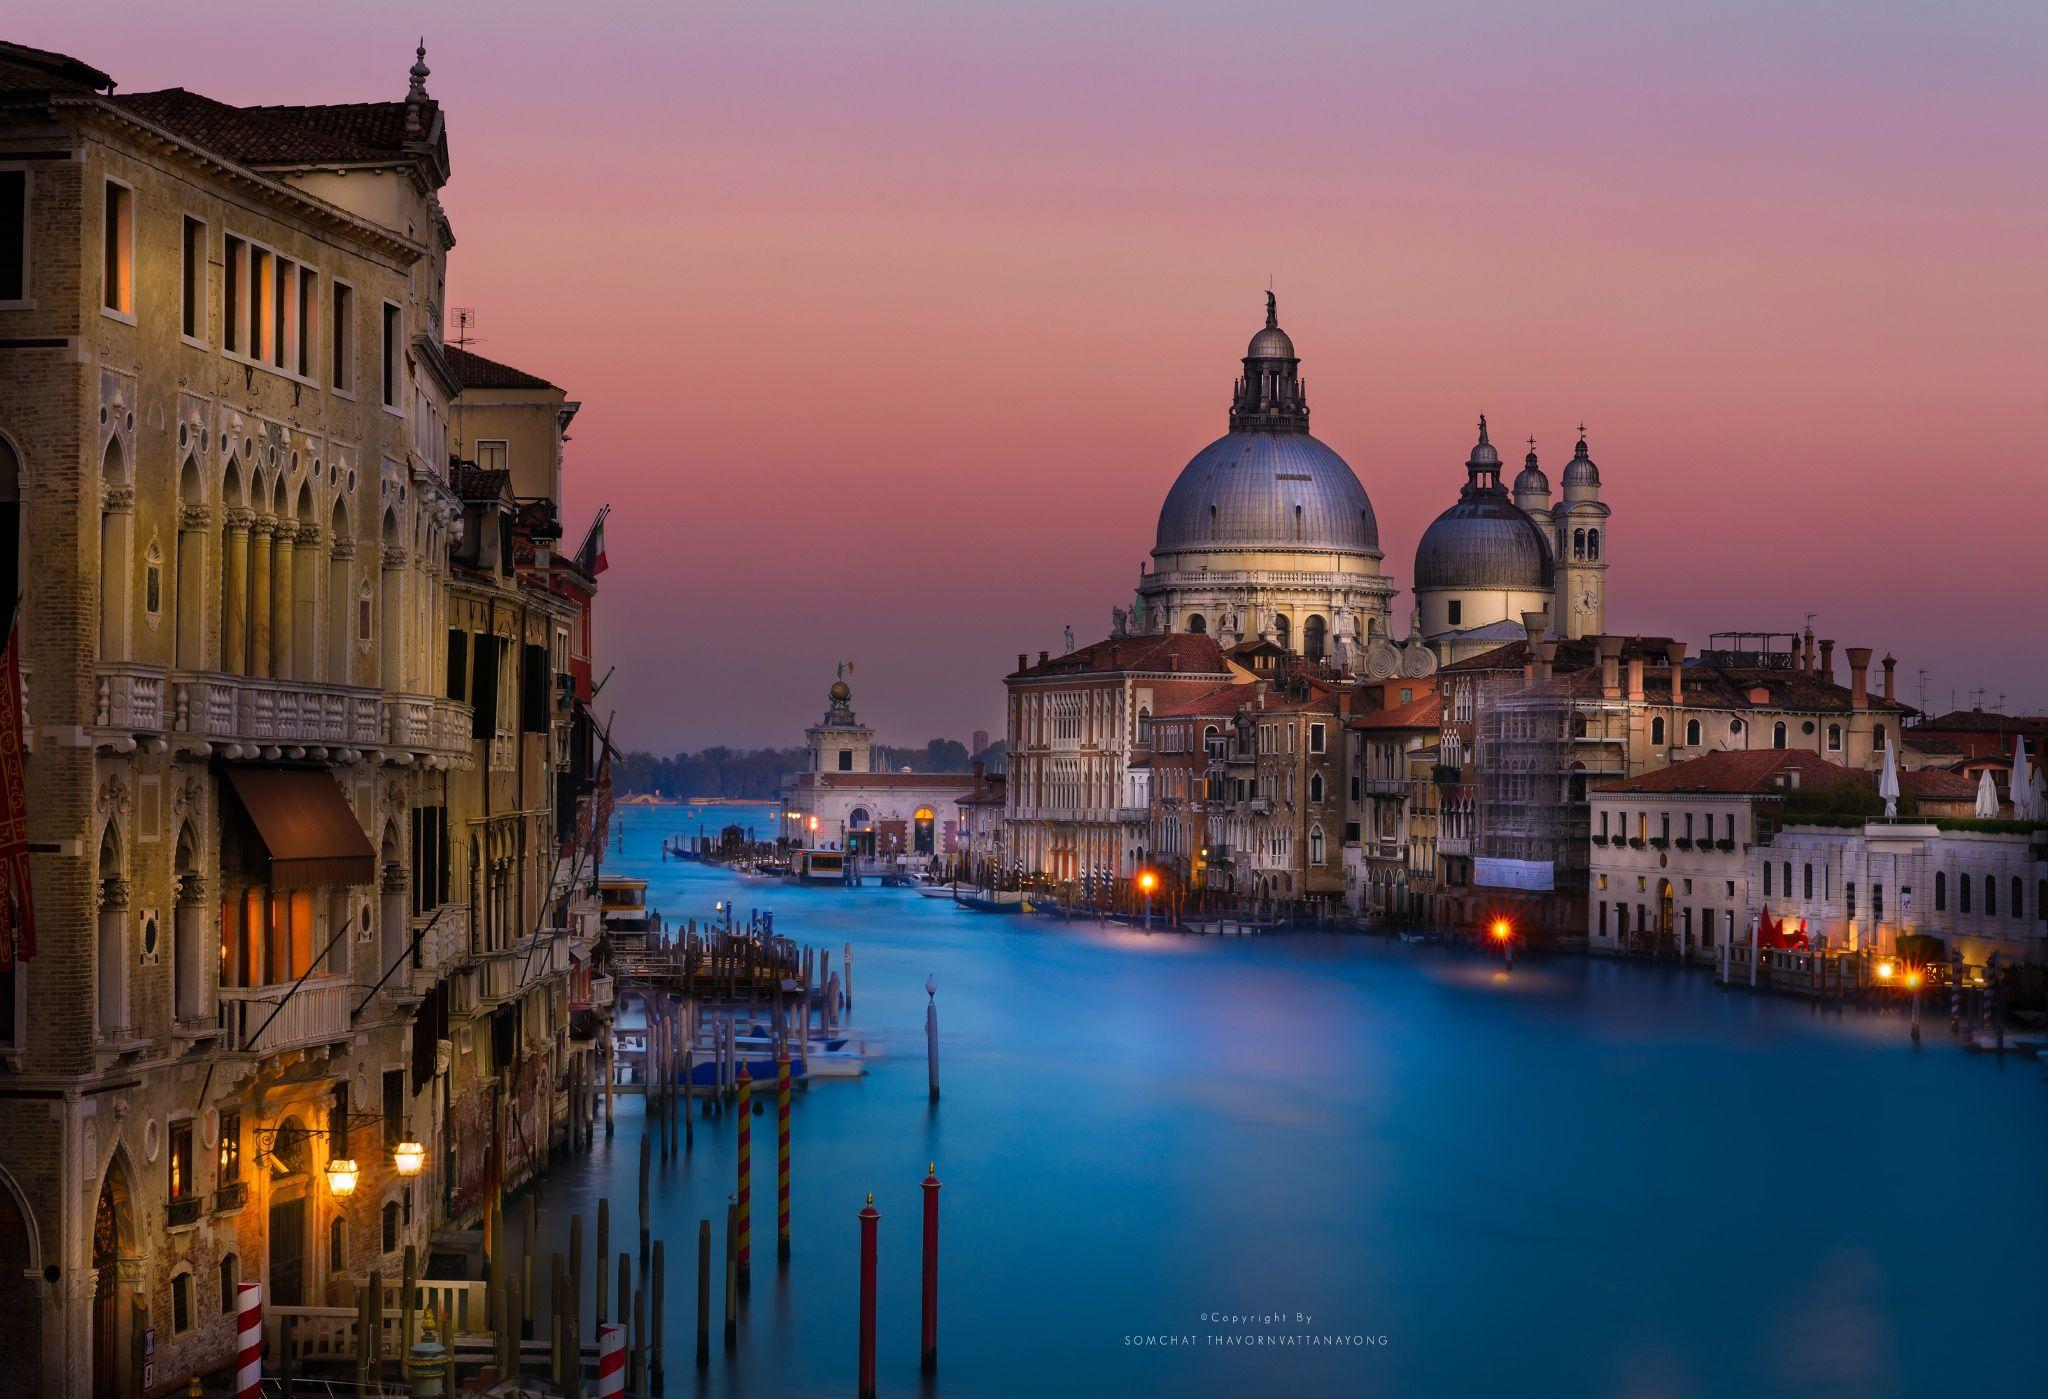 500px에서 활동 중인 Somchat Thavornvattanayong님의 사진 Venice at dawn